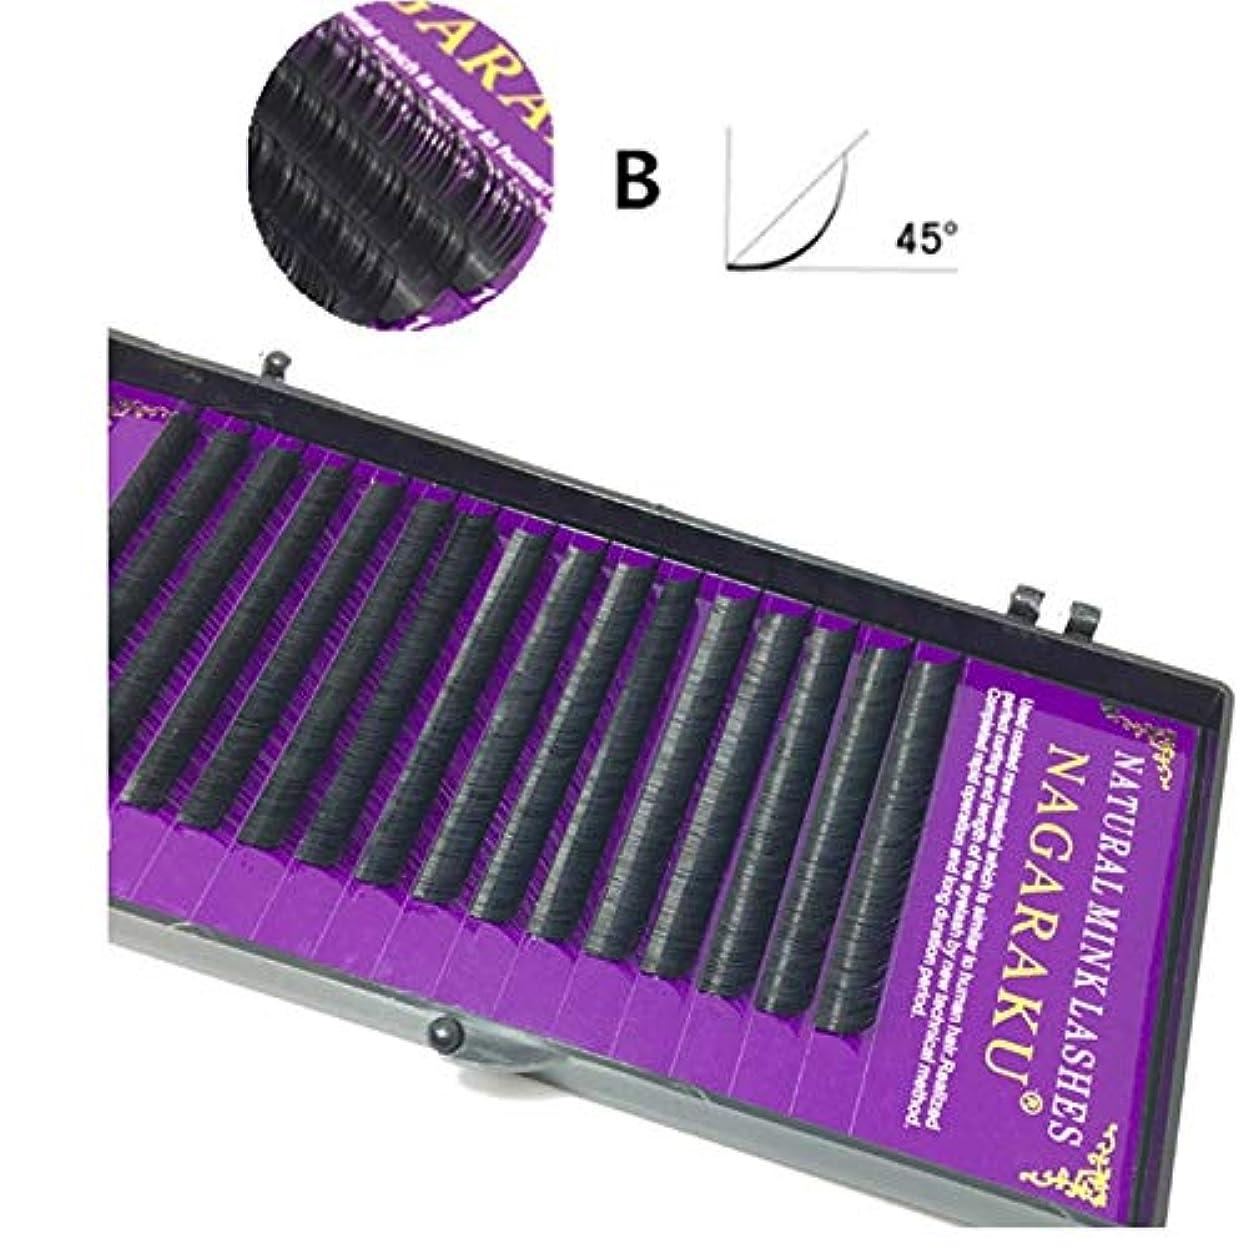 舌空港コスチューム美容アクセサリー 16行ナチュラルメイクまつ毛黒つけまつげアイまつげエクステンションツール、カール:B、厚さ:0.10 mm(8 mm) 写真美容アクセサリー (色 : 10mm)